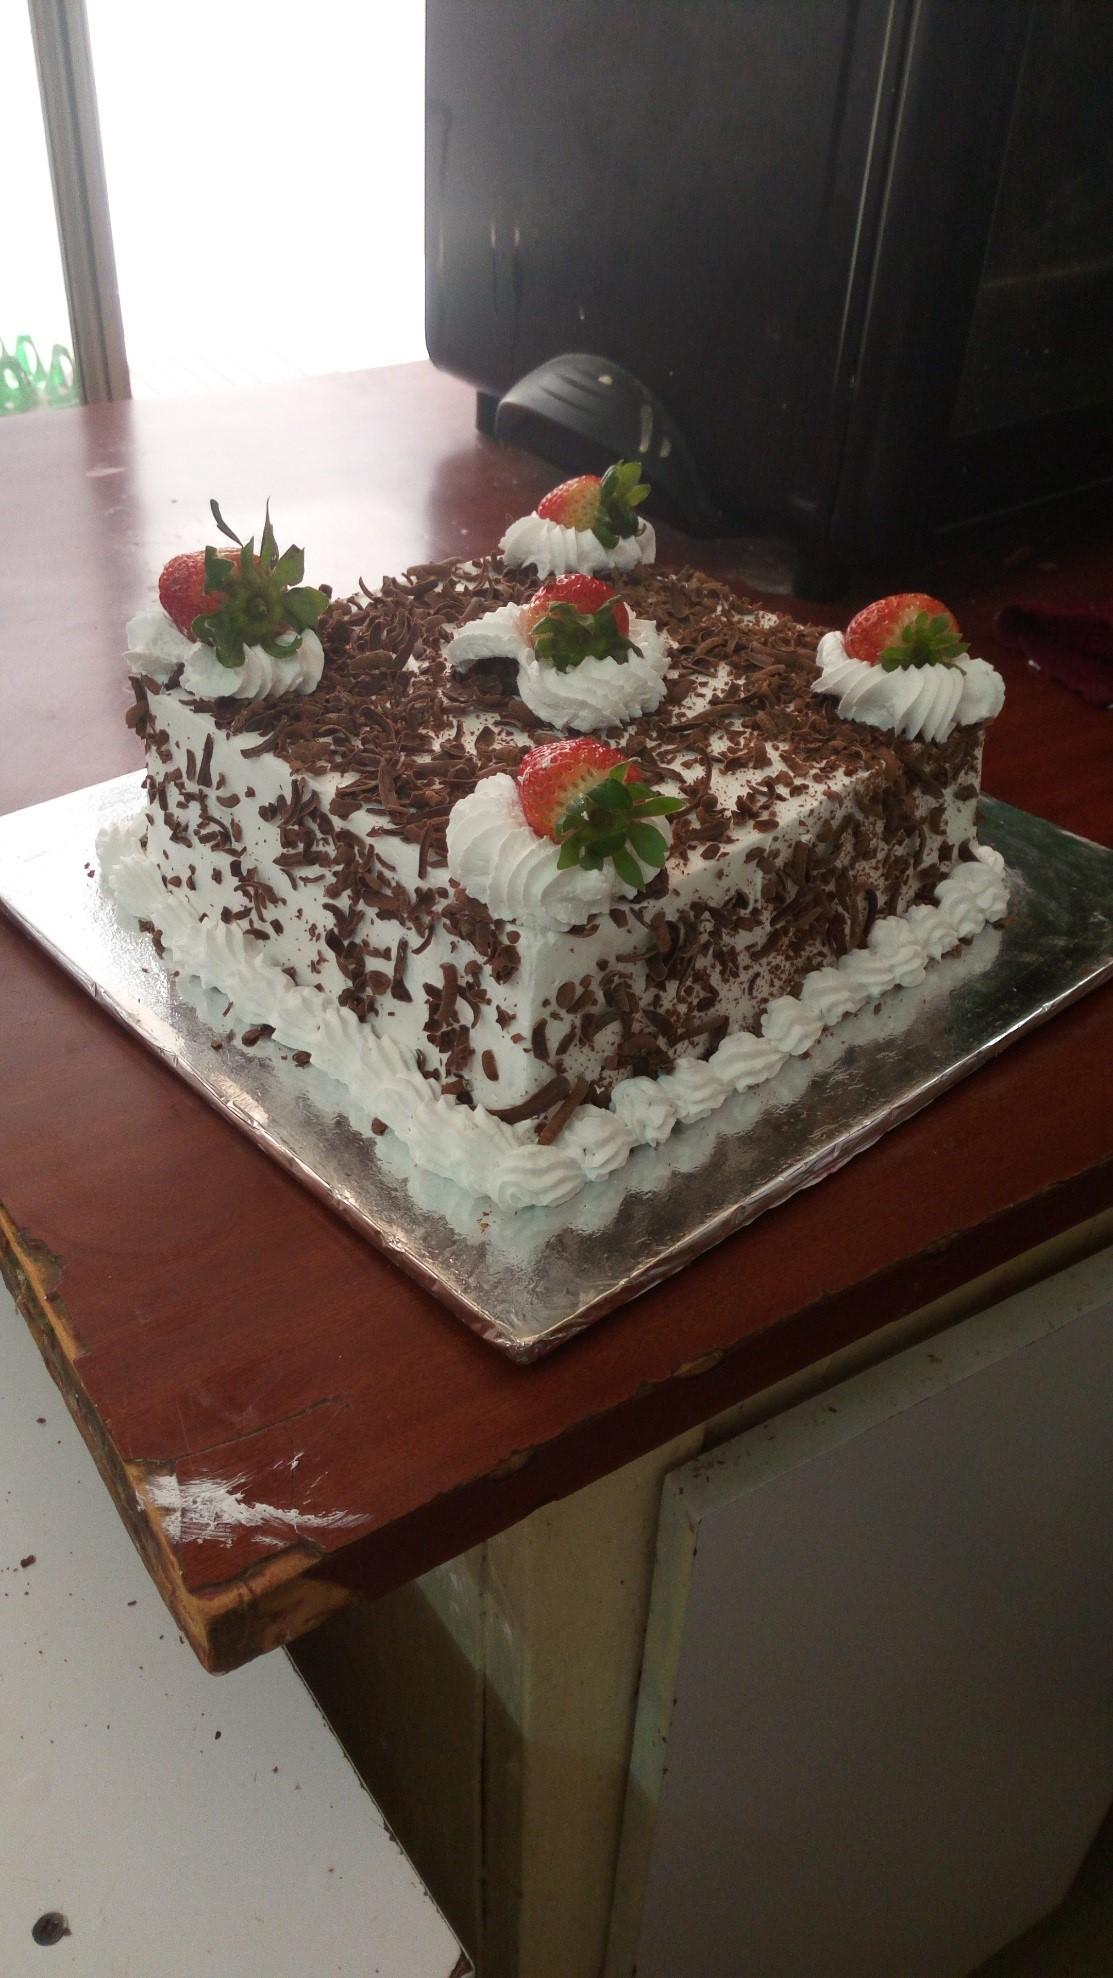 CAKE DECORATION LEVEL 1